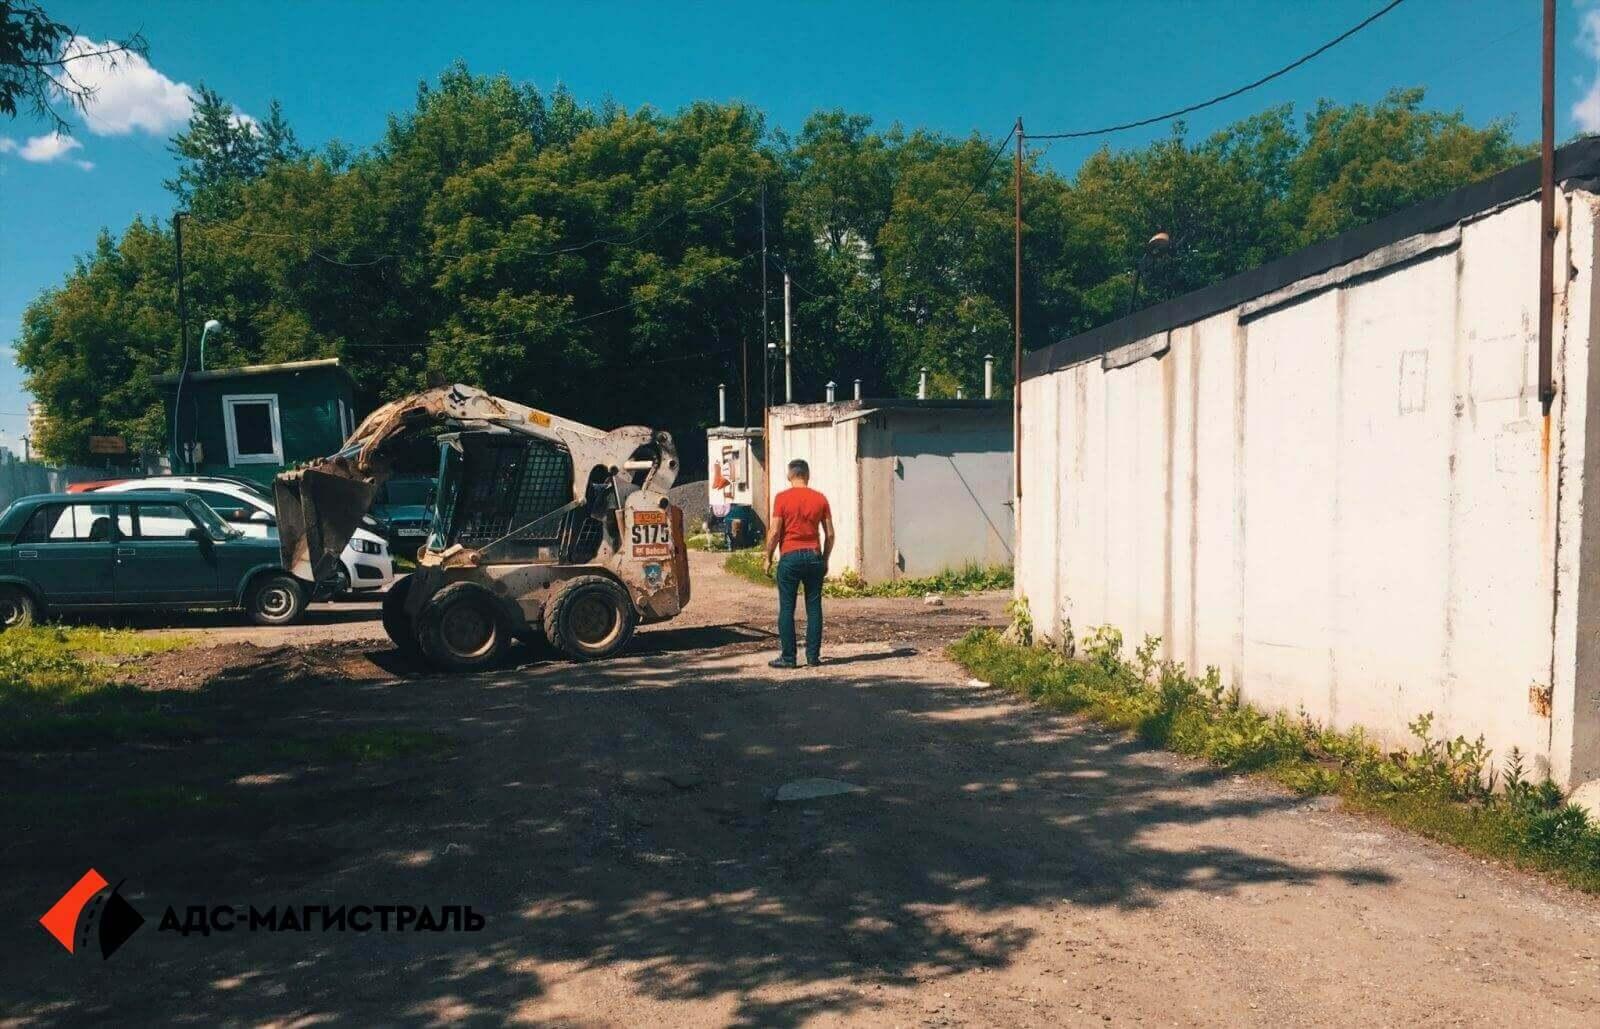 Асфальтирование территории гаражного массива фото 1